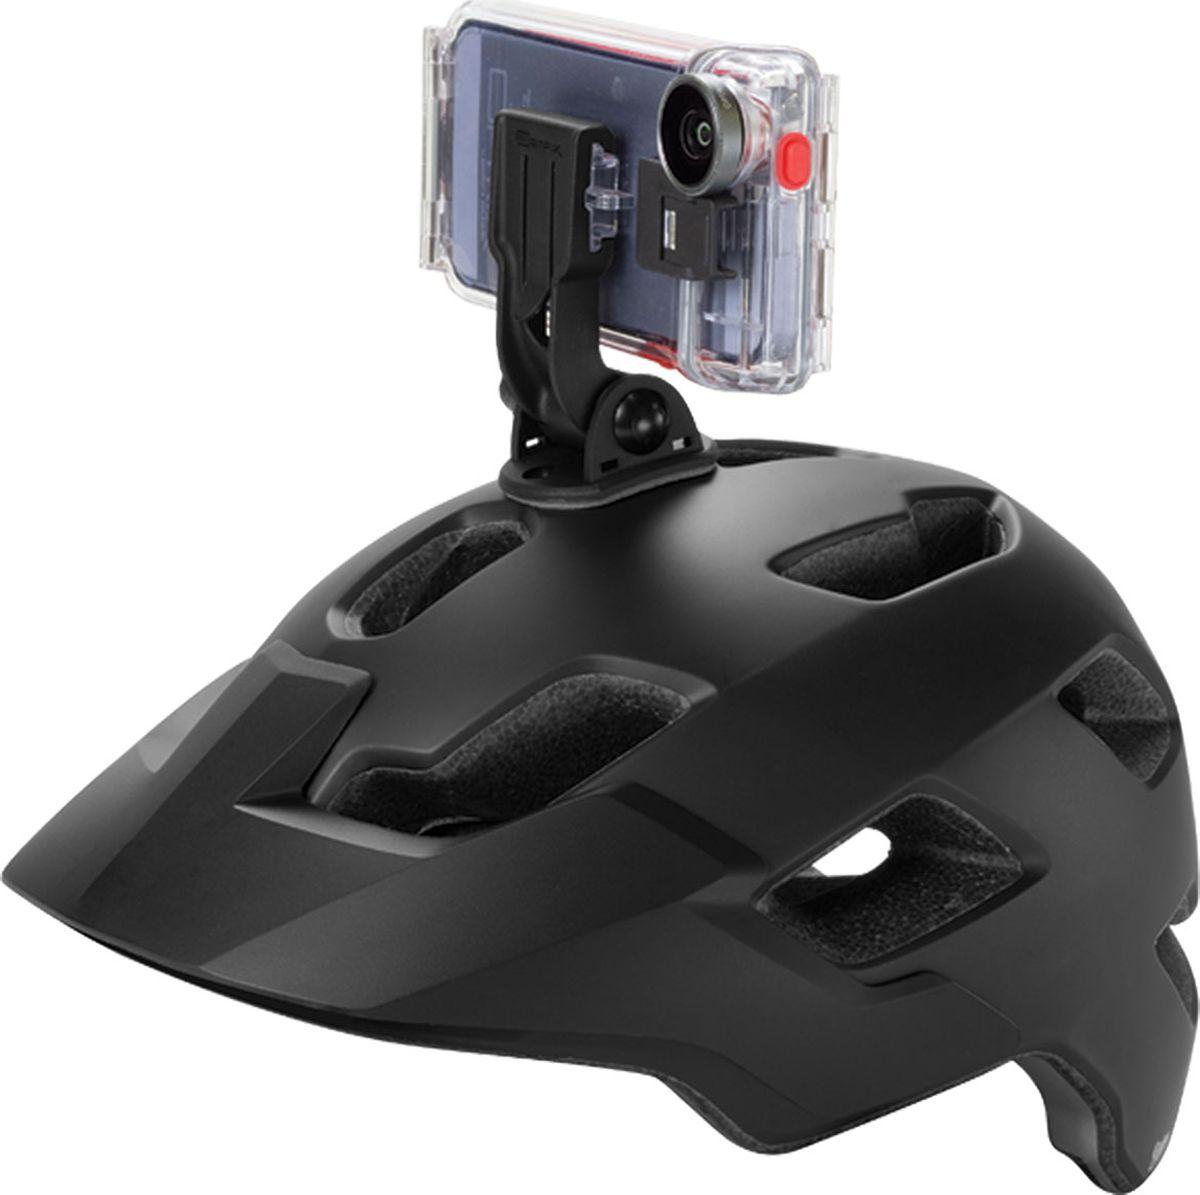 Optrix FS-94696, Black крепление для смартфона на шлемFS-94696В комплект входит все необходимое для крепления чехла Optrix к шлему: оригинальный скотч 3М™ и 2 изогнутых крепления. Страховочный тросик и стяжки для дополнительного крепления в неблагоприятных условиях. • Подходит для большинства шлемов• Входит 2 изогнутых крепления, страховочный тросик, стяжка, кронштейн• Легко удалить нагревая феном• Оригинальный скотч 3М™ промышленной прочности• Подходит ко всем чехлам Optrix by Body Glove